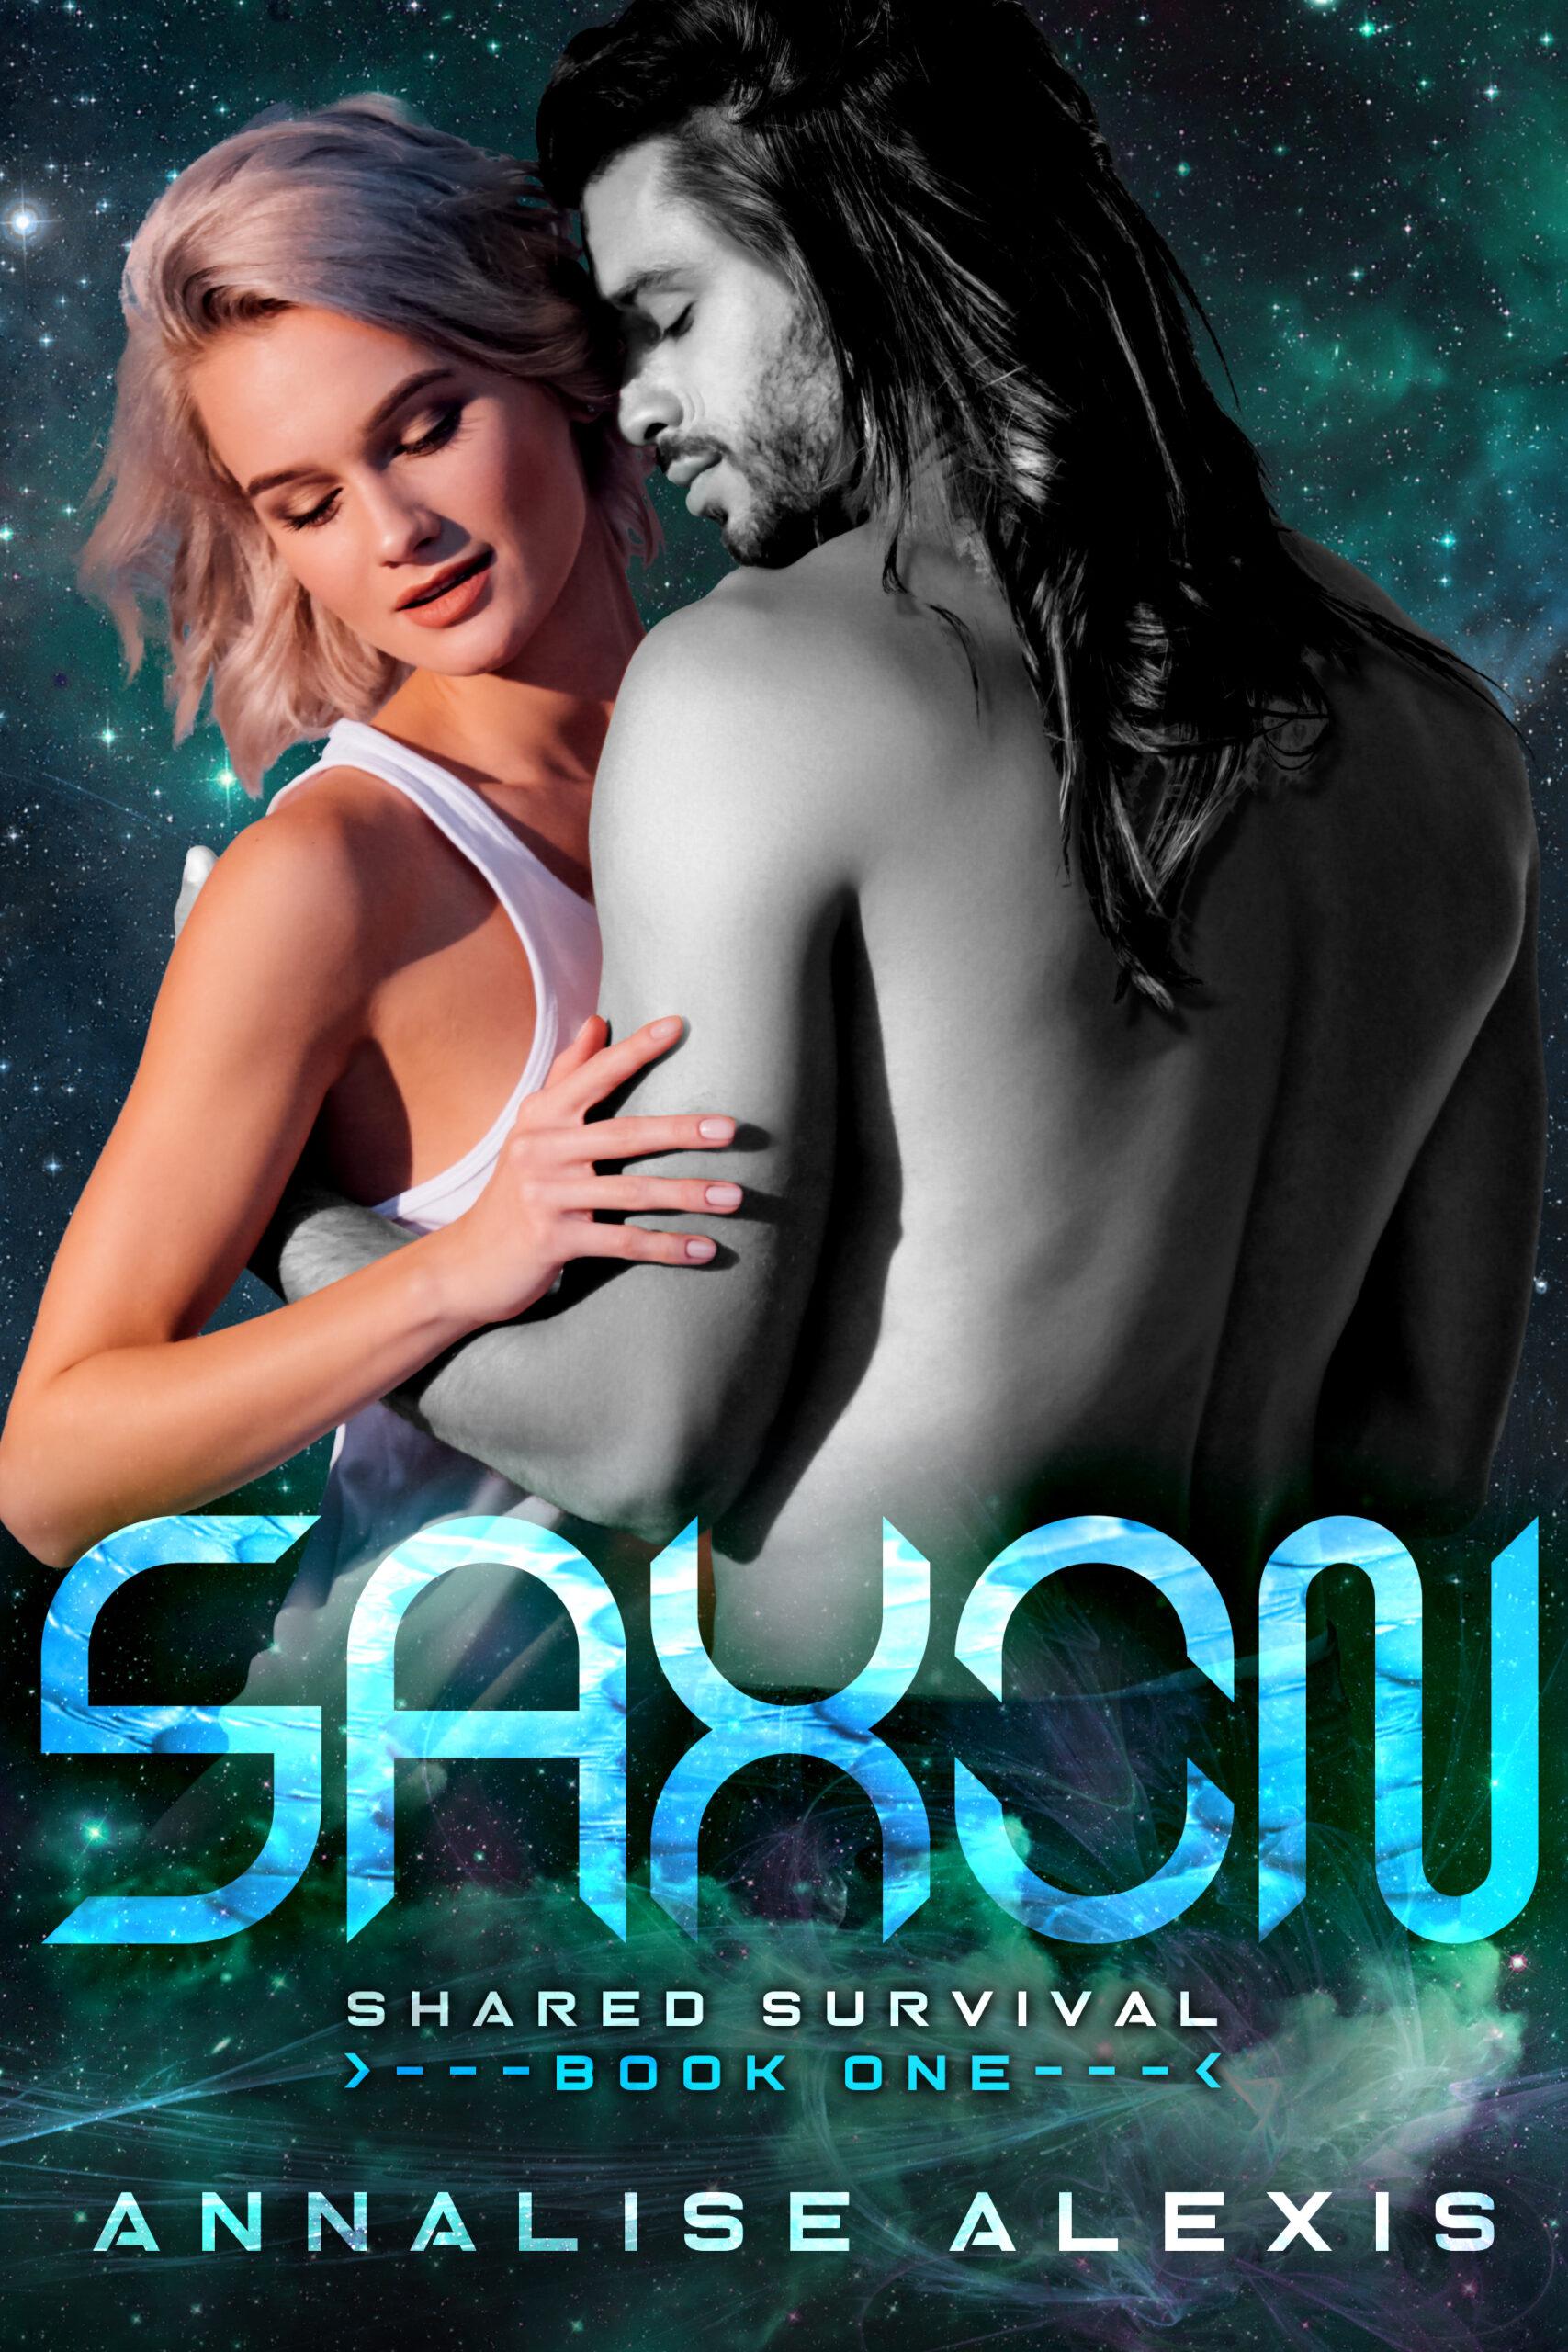 01_saxon-2